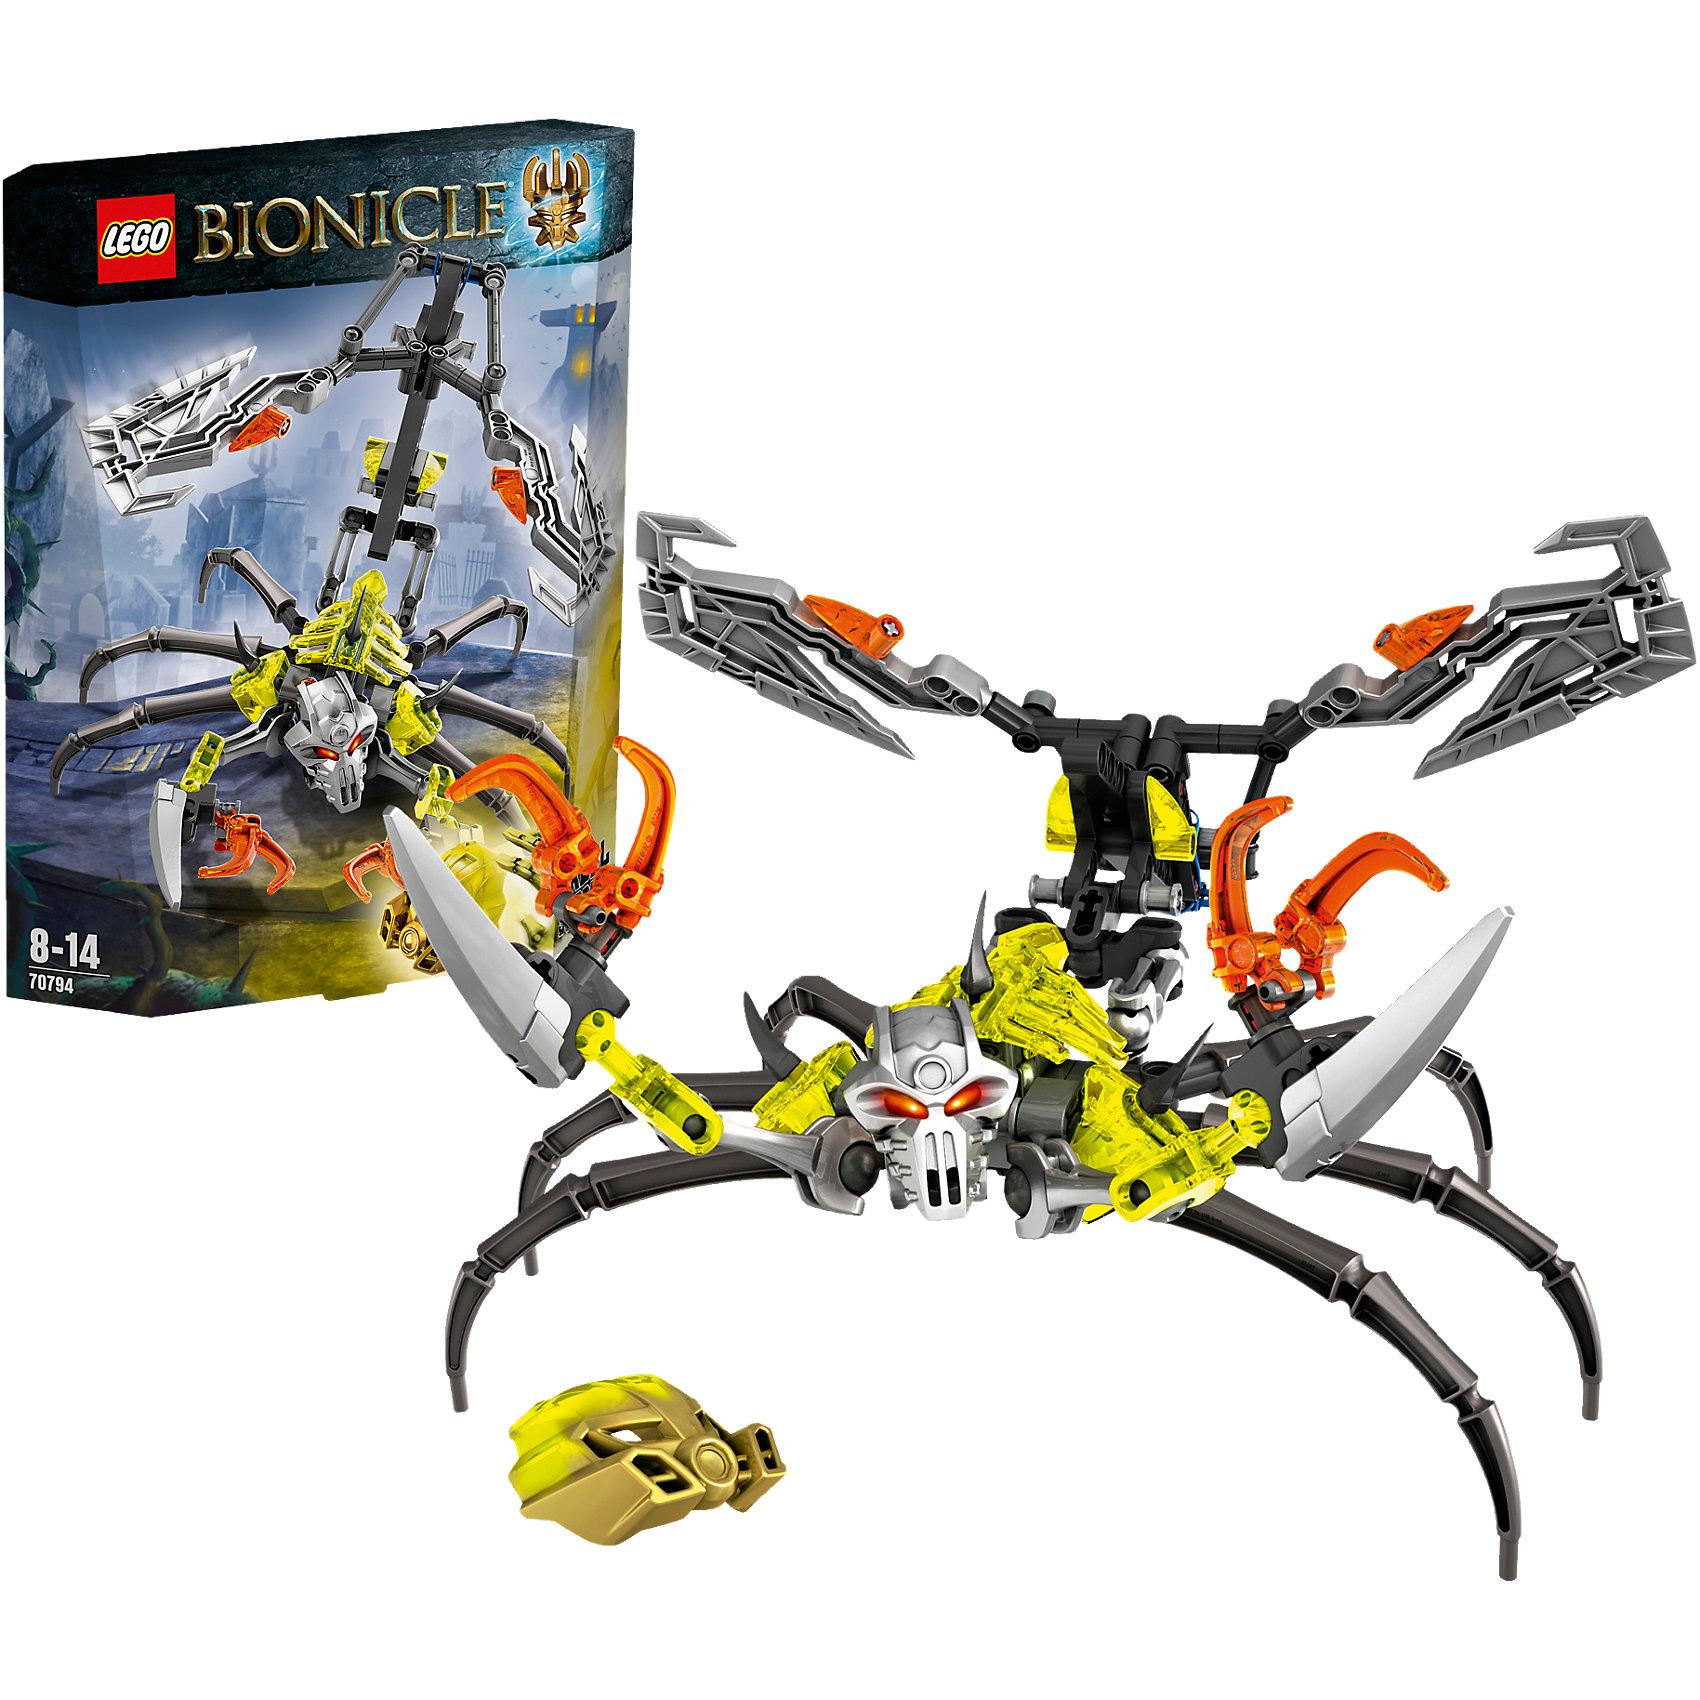 LEGO BIONICLE 70794: Череп-СкорпионНовинка 2015 года! LEGO Bionicle (ЛЕГО Бионикл) 70794: Череп-Скорпион. Стальной Череп создал монстра, который обитает в жутких подземельях. Он охотится за маской силы, которую необходимо доставить хозяину, чтобы придать ему еще больше смертоносной силы. Он устойчиво передвигается на шести ногах и имеет очень острые клешни, которыми расчищает себе путь. Когда Череп-Скорпион видит  врага у него раздваивается хвост и обнажаются два острых лезвия и ядовитое жало. Собранная фигурка воина имеет шарнирное строение, благодаря чему он может принимать реалистичные боевые позы. Кто посмеет спуститься в подземелье к Черепу-Скорпиону и дать бой - решать тебе!<br><br>Серия конструкторов LEGO Bionicle (ЛЕГО Бионикл) – это отдельный фантастический мир. Герои сражаются с мутантами Барраками, с многотысячной армией механических созданий Бороков, и самыми опасными и беспощадными убийцами Пираками. Многие персонажи серии совместимы друг с другом (несколько наборов собираются в один большой). Героев Бионикл можно коллекционировать. Все наборы LEGO Bionicle (ЛЕГО Бионикл) соответствуют самым высоким европейским стандартам качества и абсолютно безопасны. <br><br>Дополнительная информация:<br><br>- Игра с конструктором  LEGO (ЛЕГО) развивает мелкую моторику ребенка, фантазию и воображение, учит его усидчивости и внимательности;<br>- В комплекте: 107 деталей, инструкция;<br>- Серия: LEGO Bionicle (ЛЕГО Бионикл);<br>- Материал: высококачественный пластик;<br>- Размеры упаковки: 17 х 22 х 4 см;<br>- Вес: 0,13 кг<br><br>Конструктор LEGO Bionicle (ЛЕГО Бионикл) 70794: Череп-Скорпион, можно купить в нашем магазине.<br><br>Ширина мм: 227<br>Глубина мм: 175<br>Высота мм: 50<br>Вес г: 180<br>Возраст от месяцев: 96<br>Возраст до месяцев: 168<br>Пол: Мужской<br>Возраст: Детский<br>SKU: 4047392